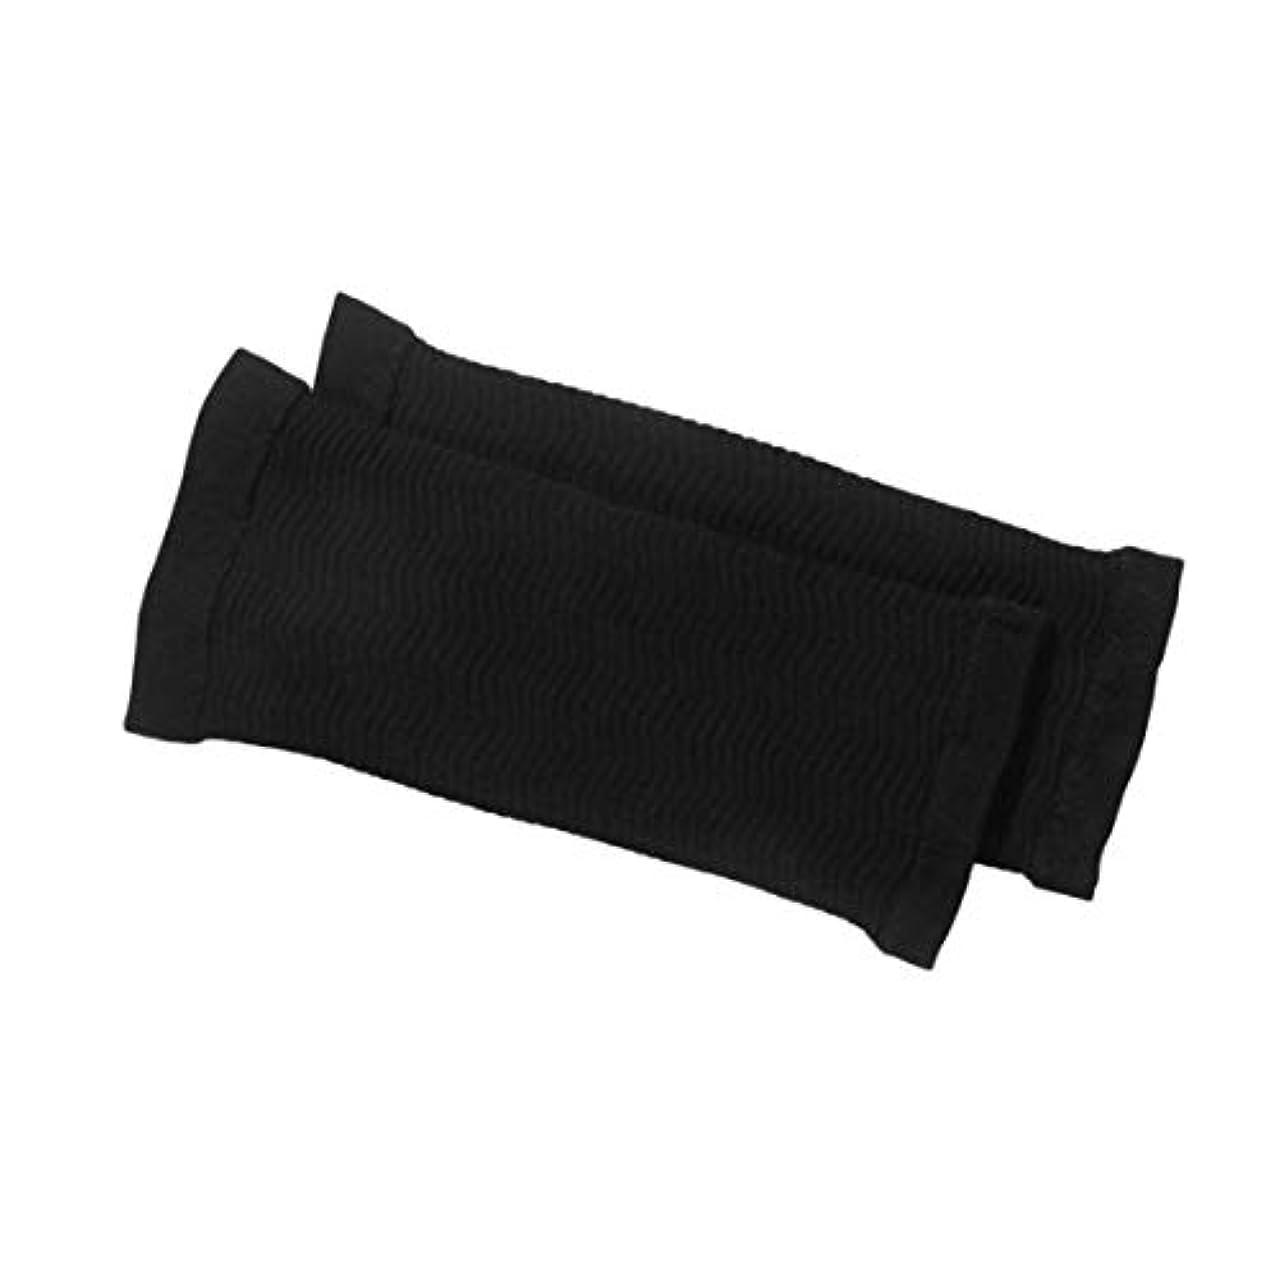 正気クマノミコピー1ペア420 D圧縮痩身アームスリーブワークアウトトーニングバーンセルライトシェイパー脂肪燃焼袖用女性 - 黒